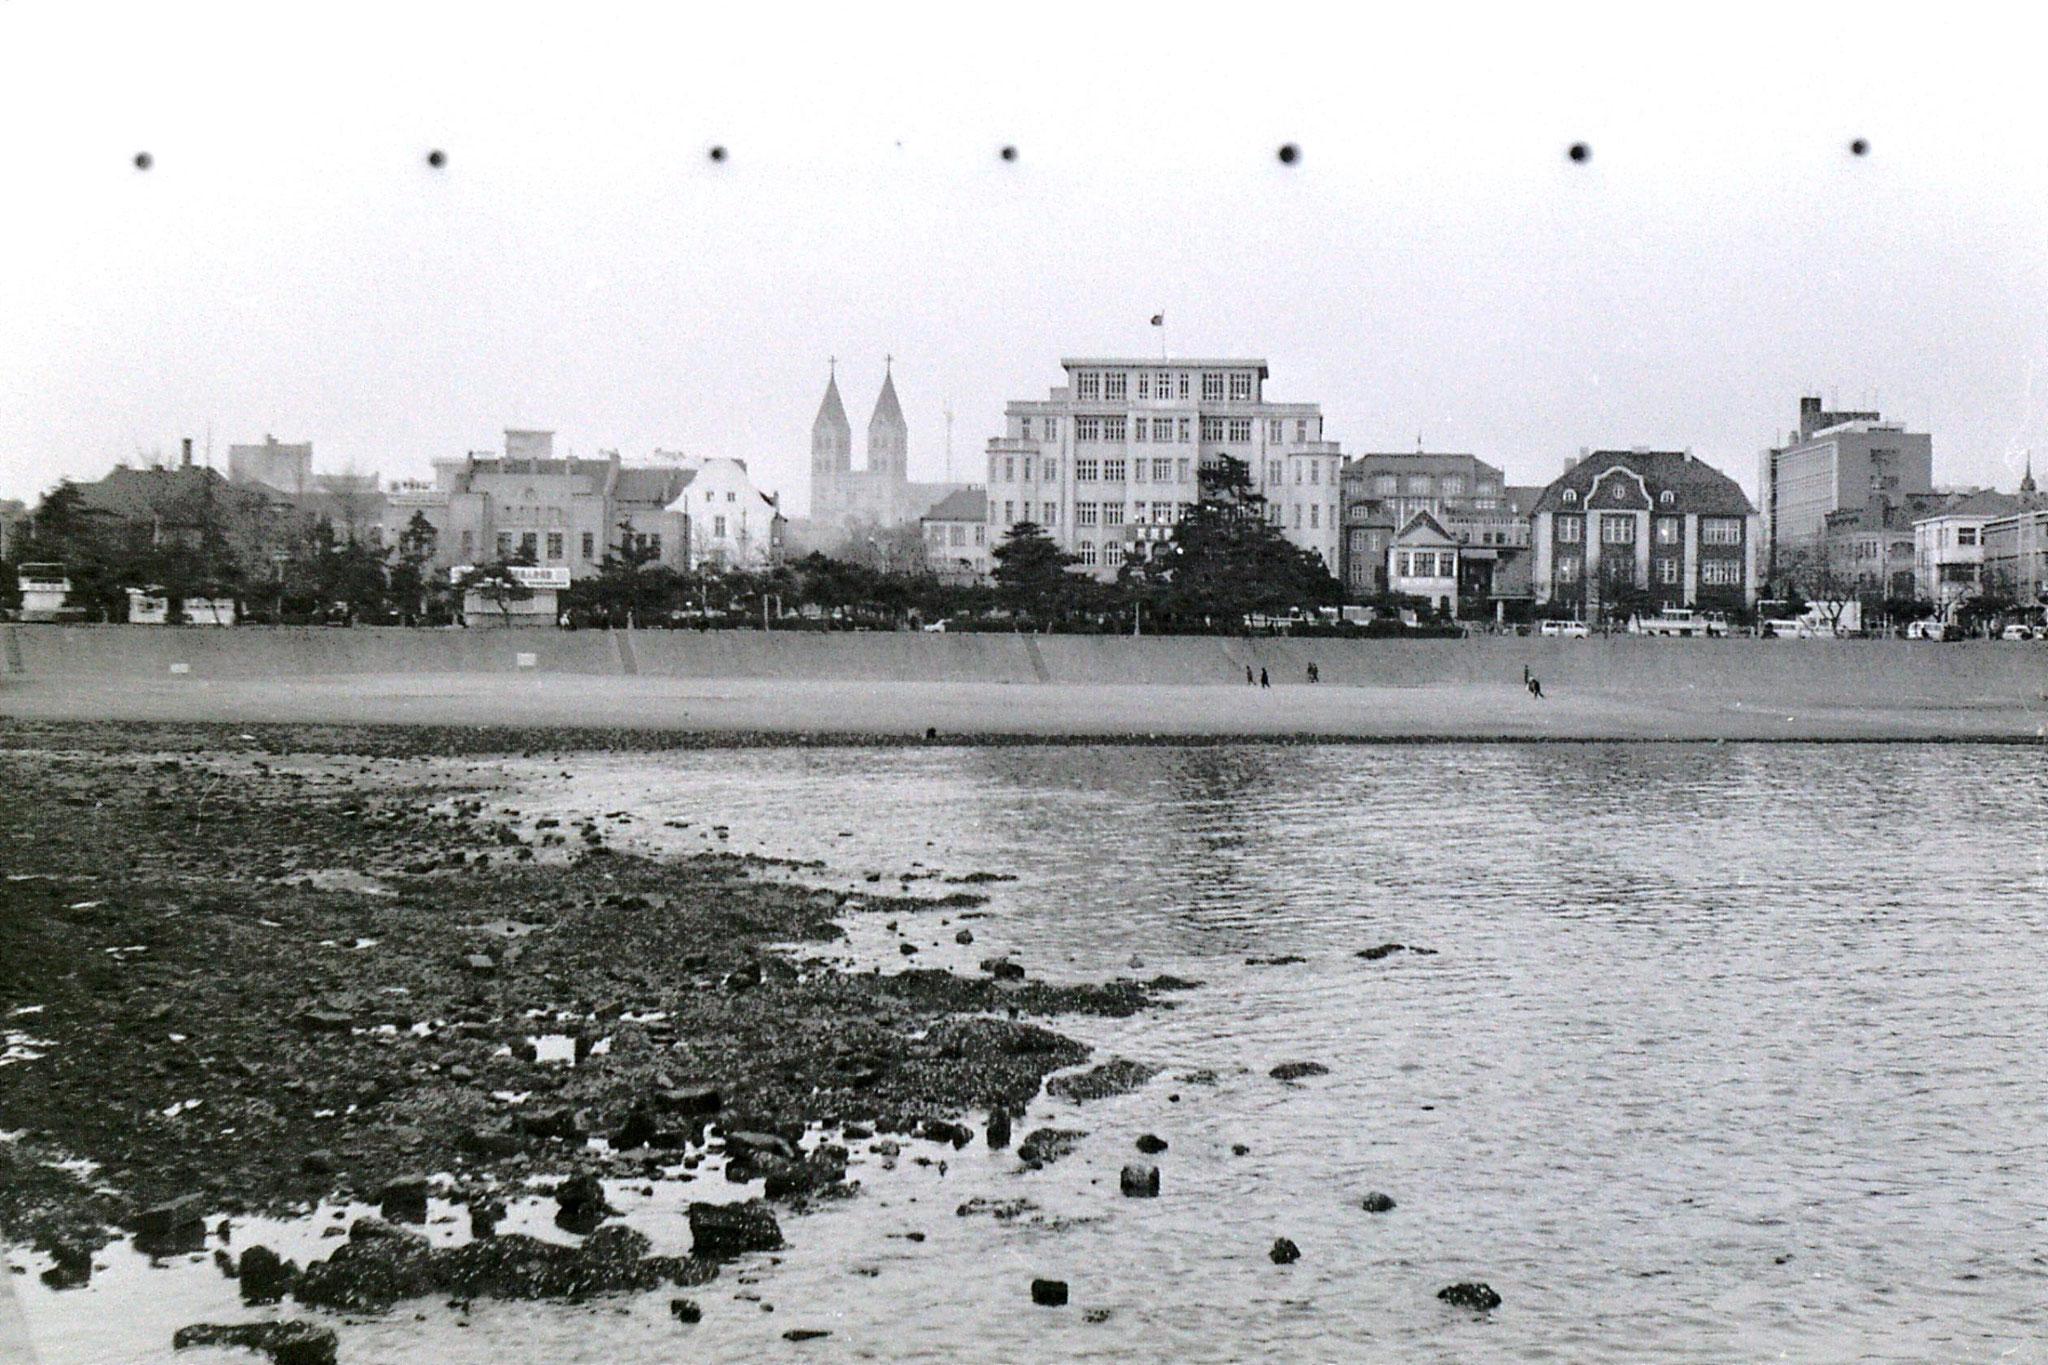 13/2/1989: 24: Qingdao